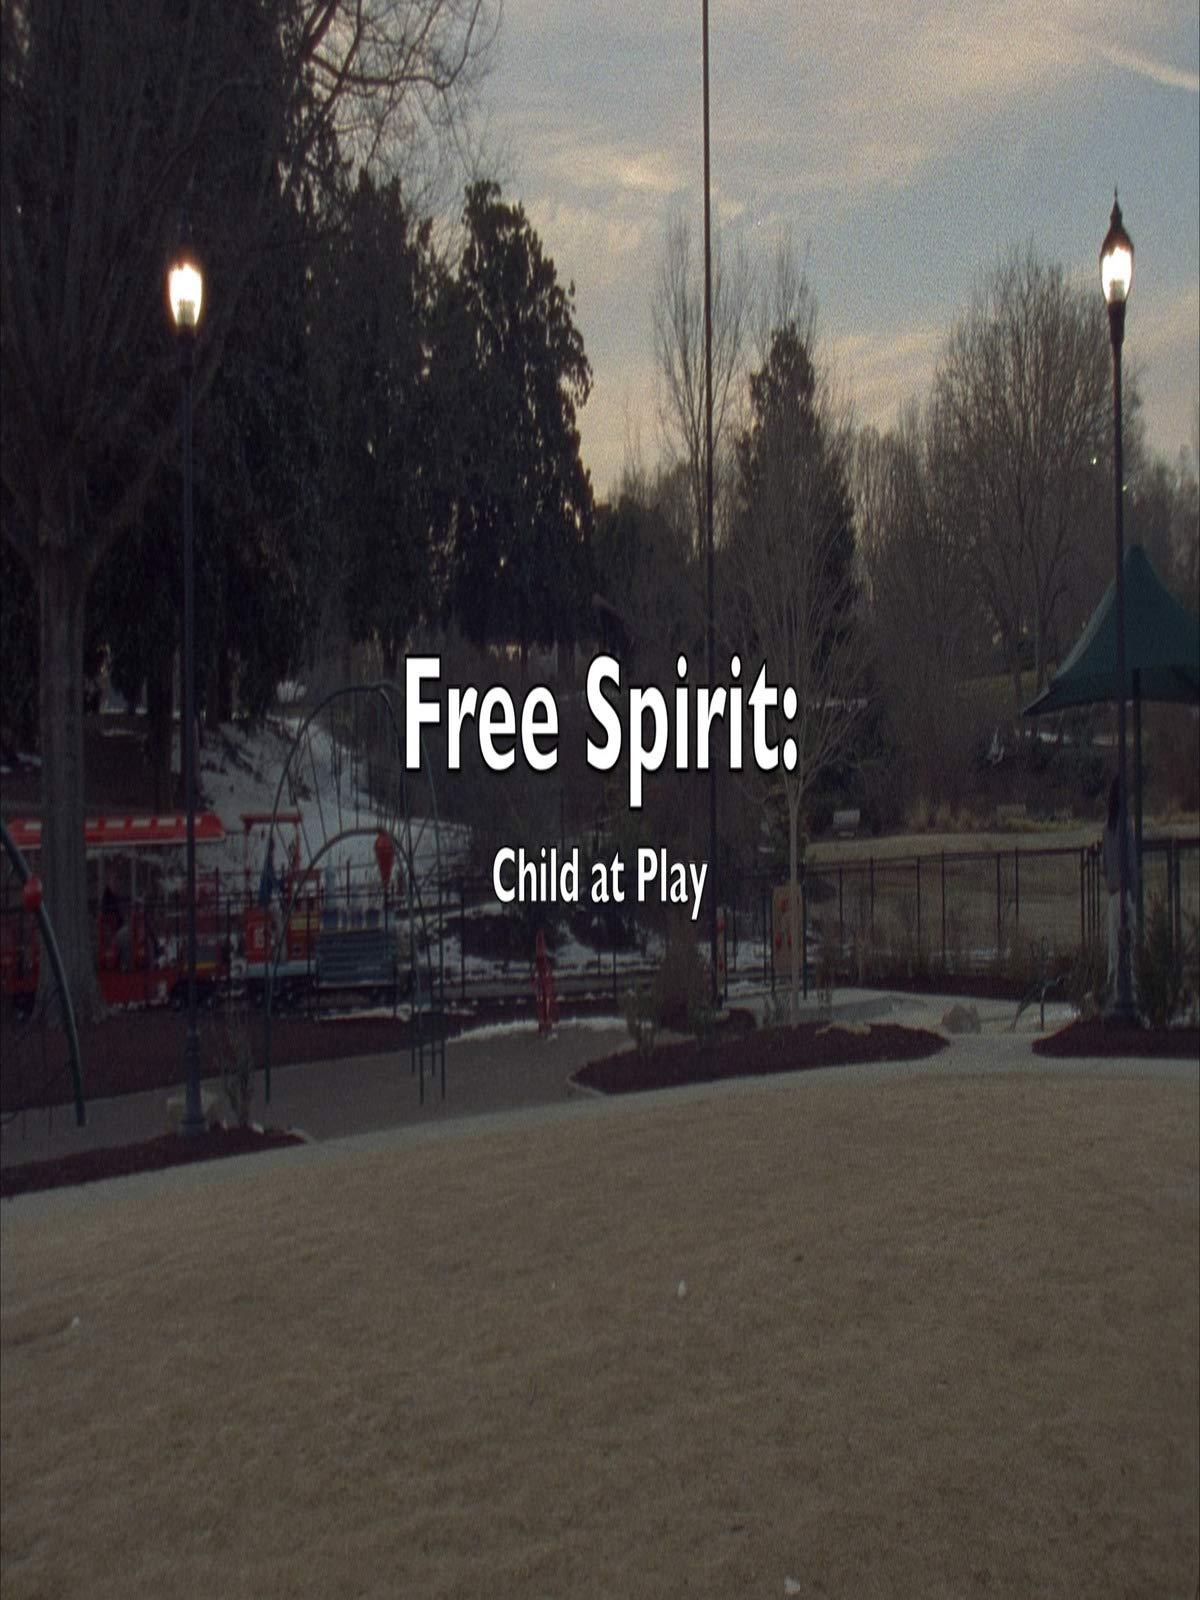 Free Spirit Child at Play